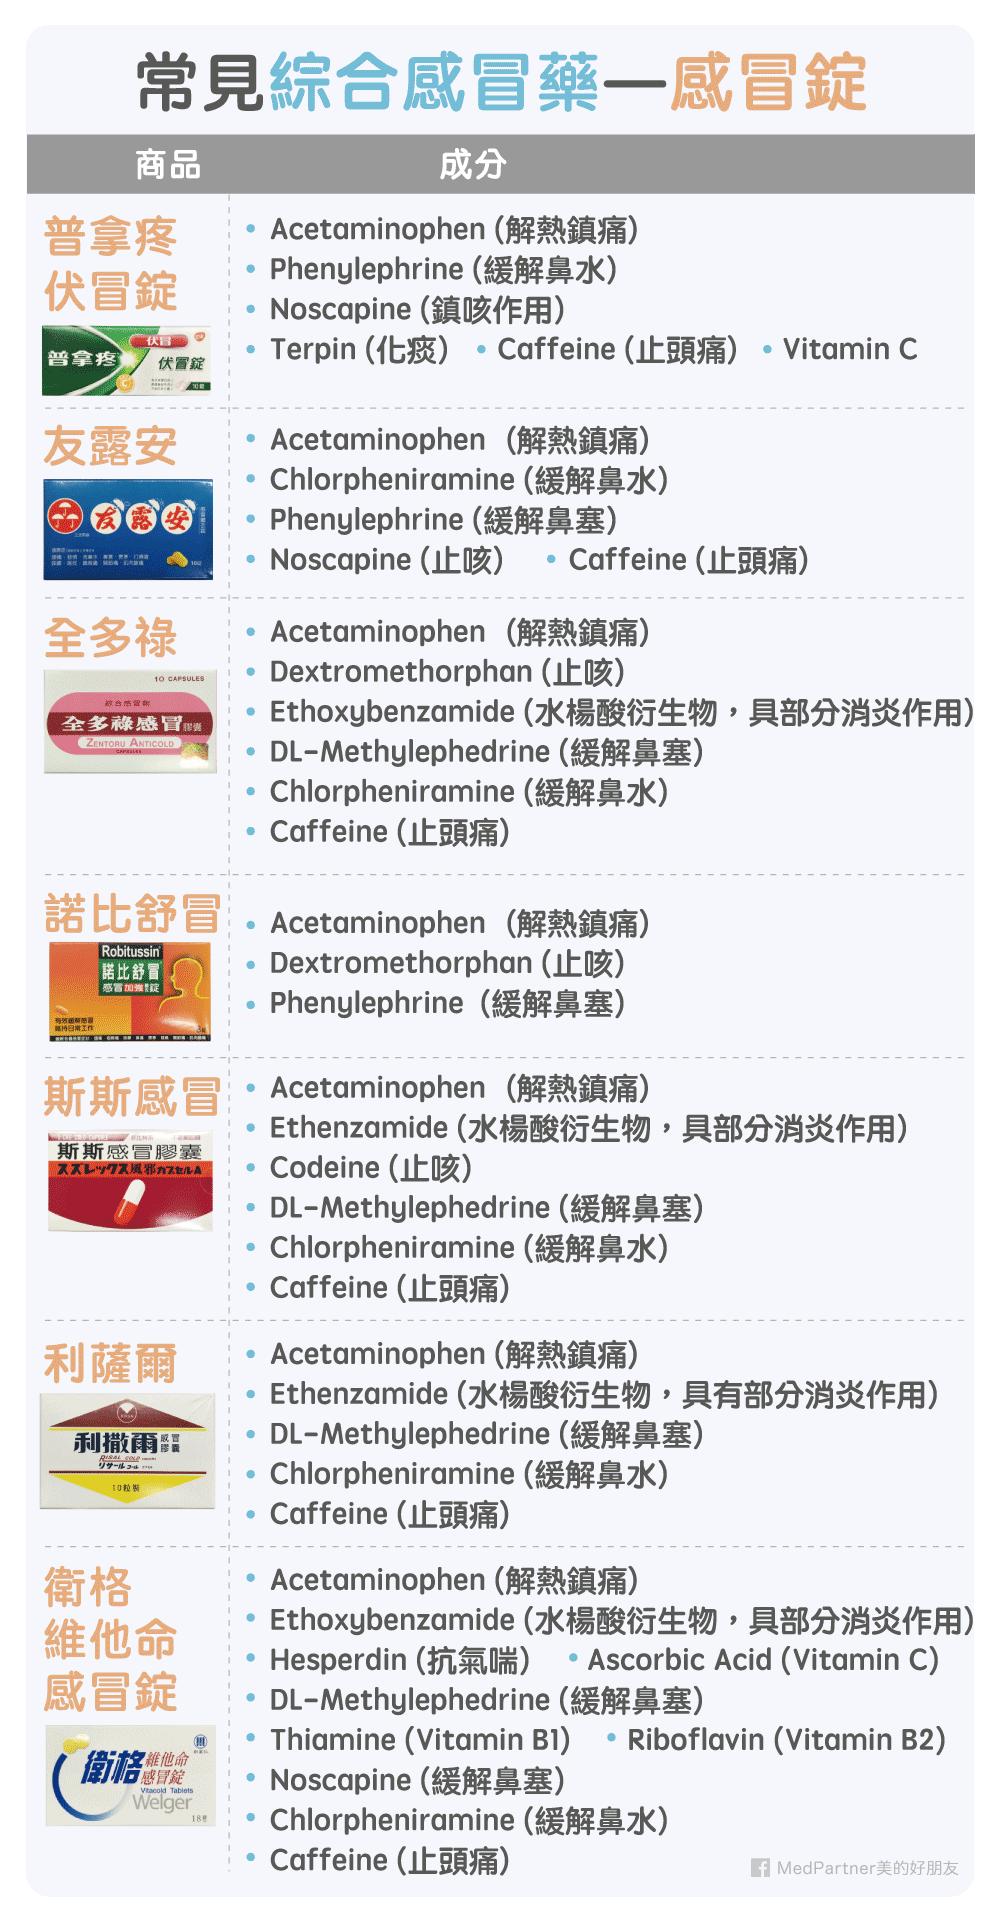 常見綜合感冒藥